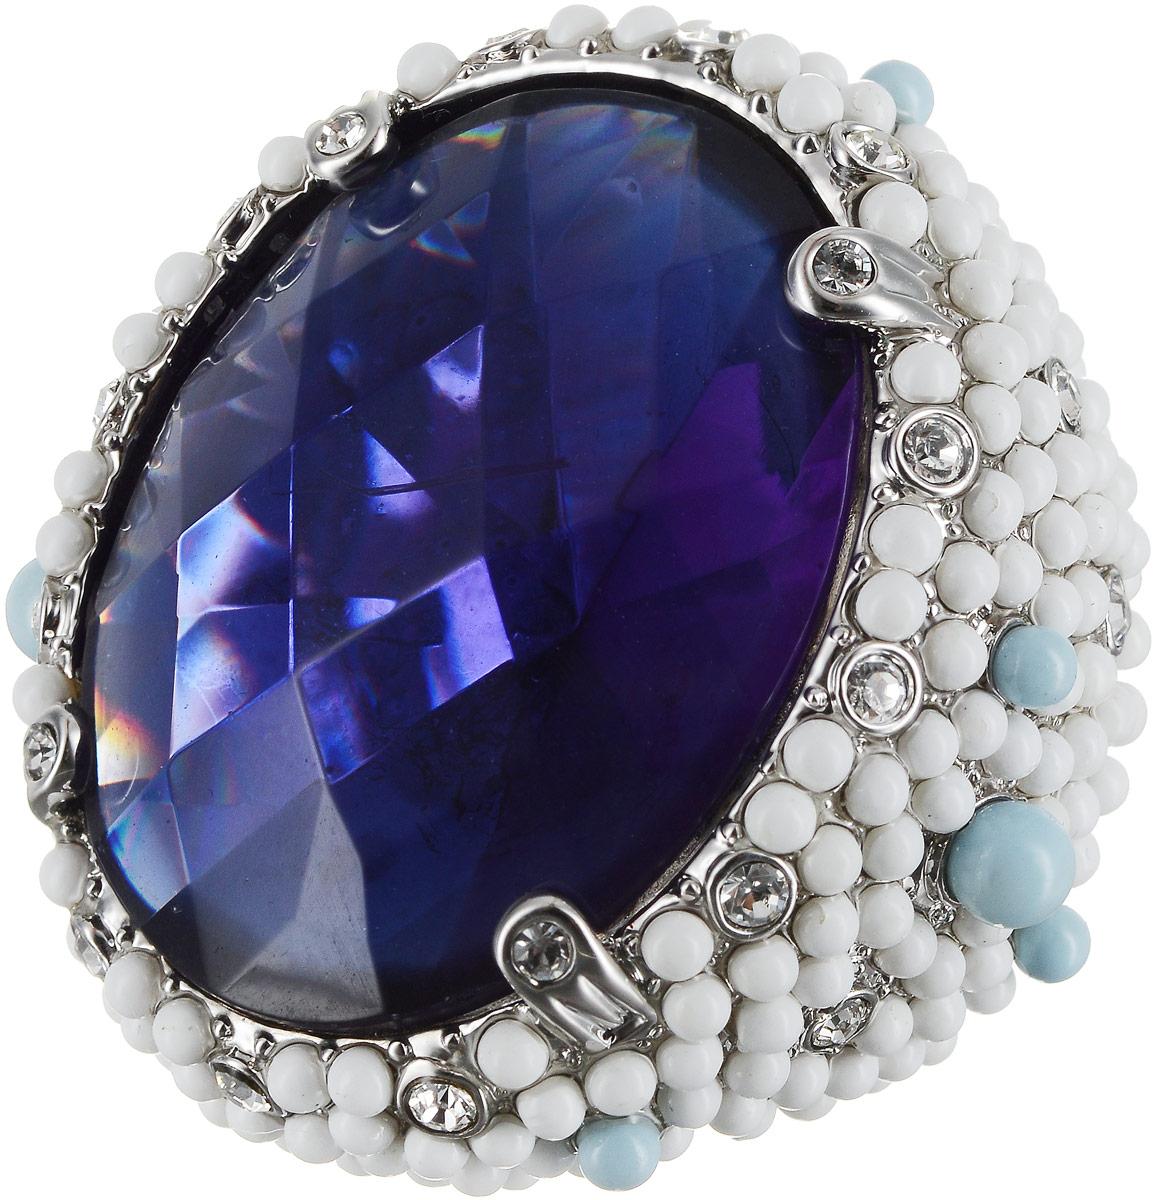 Кольцо Art-Silver, цвет: серебряный, синий, белый. 428-2106. Размер 19Коктейльное кольцоОригинальное кольцо Art-Silver выполнено из бижутерного сплава с гальваническим покрытием. Кольцо украшено декоративными вставками.Элегантное кольцо Art-Silver превосходно дополнит ваш образ и подчеркнет отменное чувство стиля своей обладательницы.